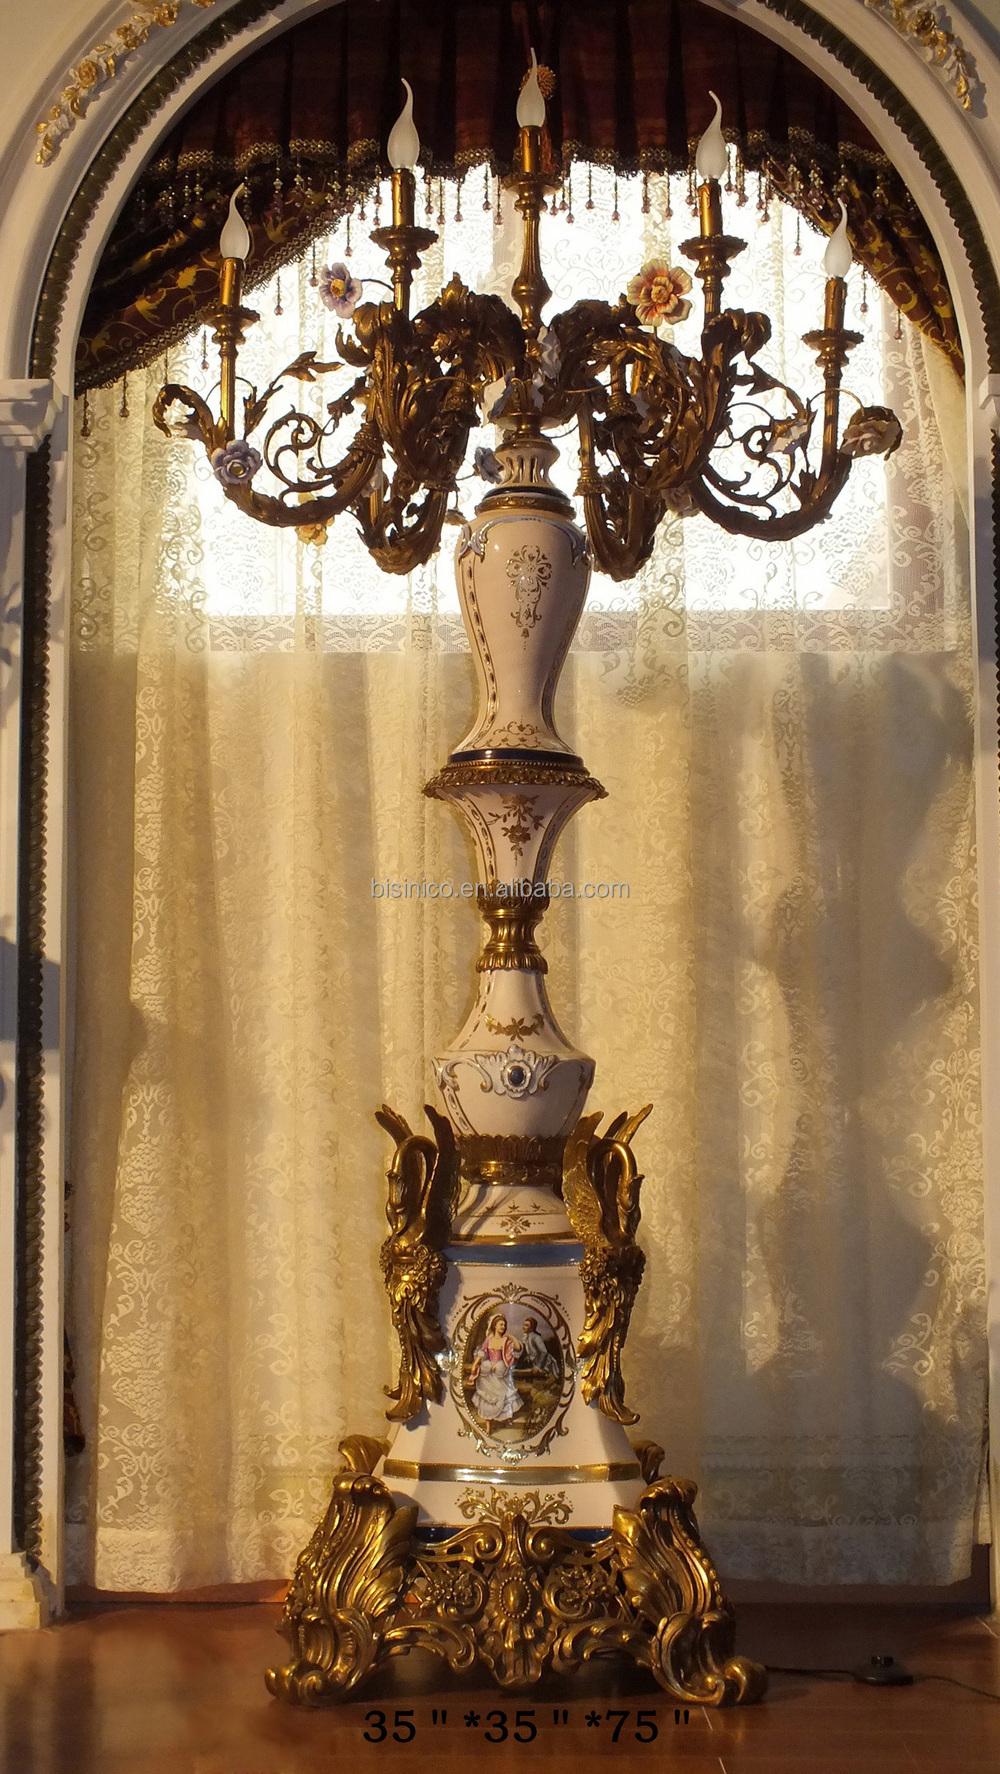 de estilo barroco de lujo de porcelana decoracin del hogar lmpara de pielmpara de